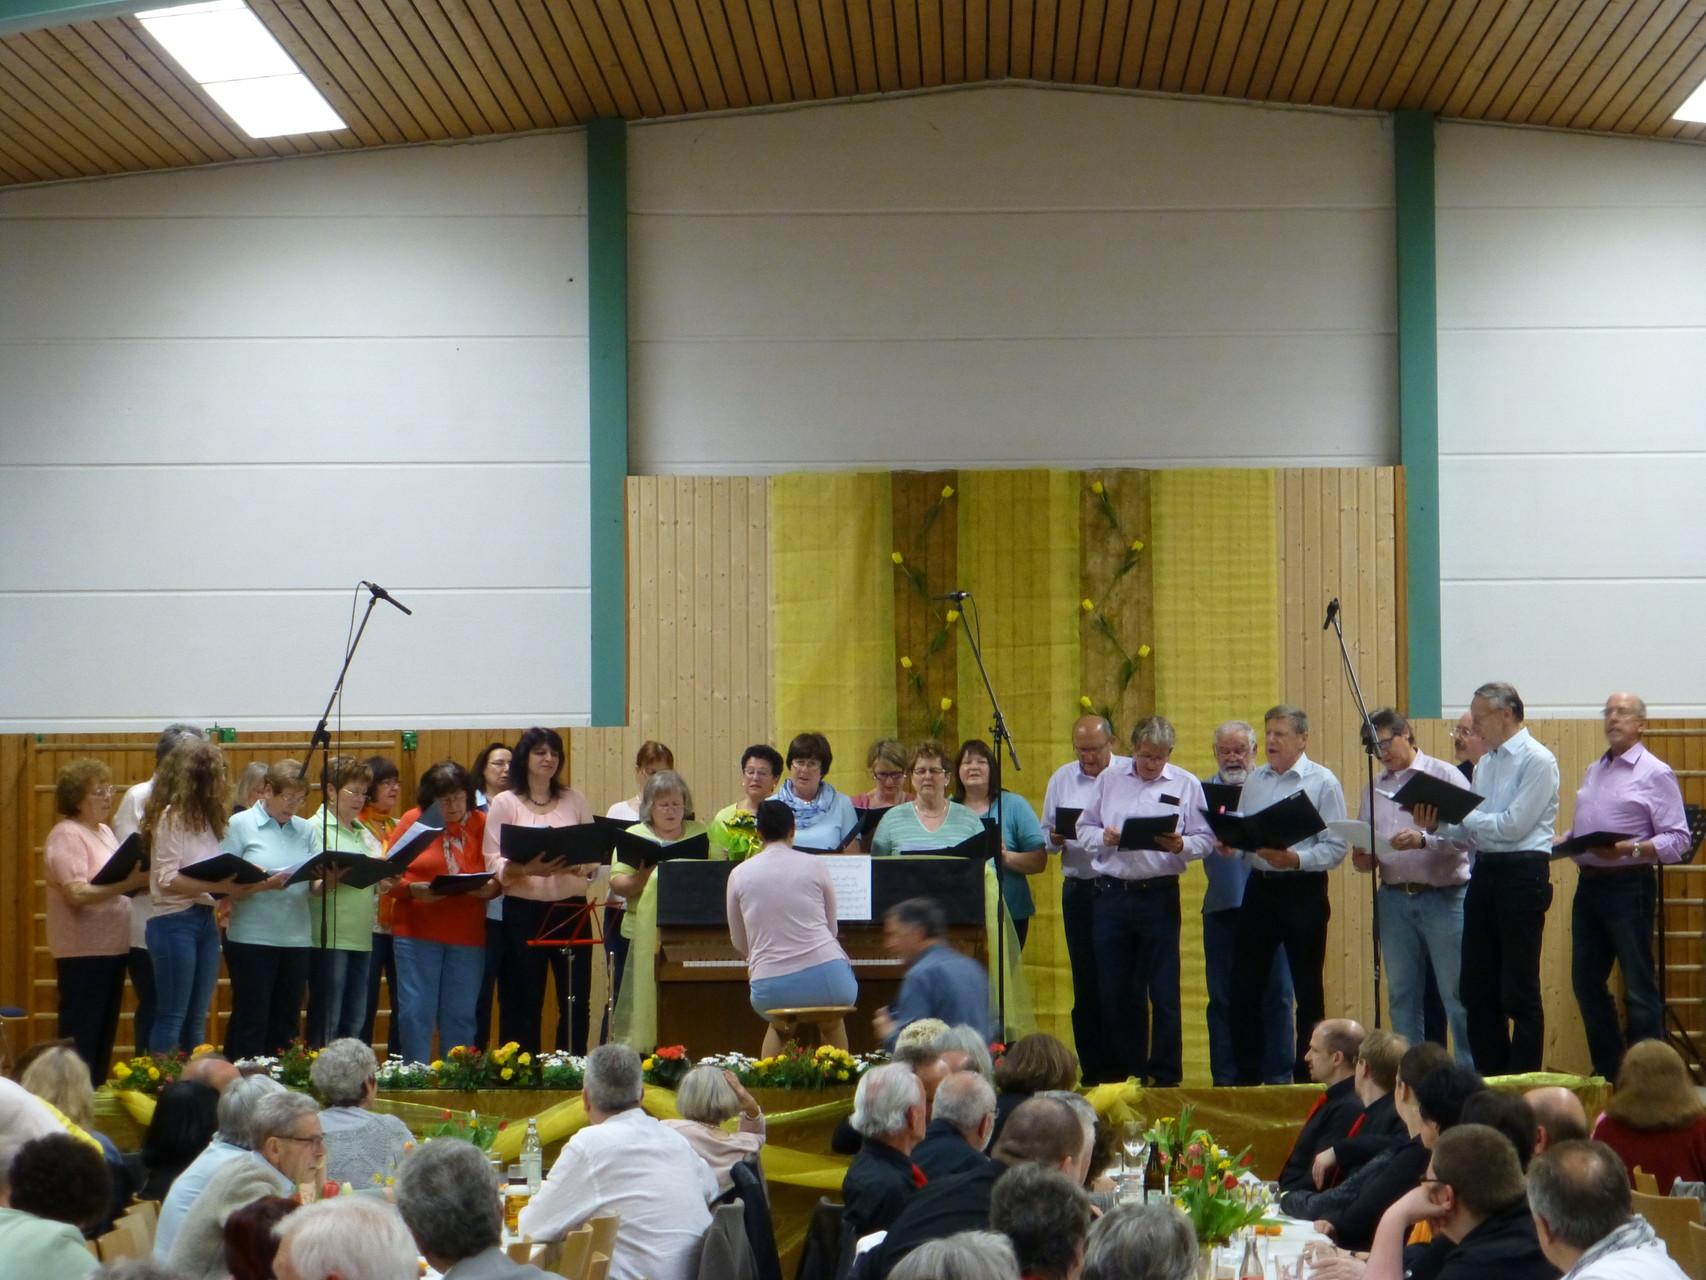 Chorgemeinschaft Waldrennach mit ihrer Chorleiterin Miriam Kurrle